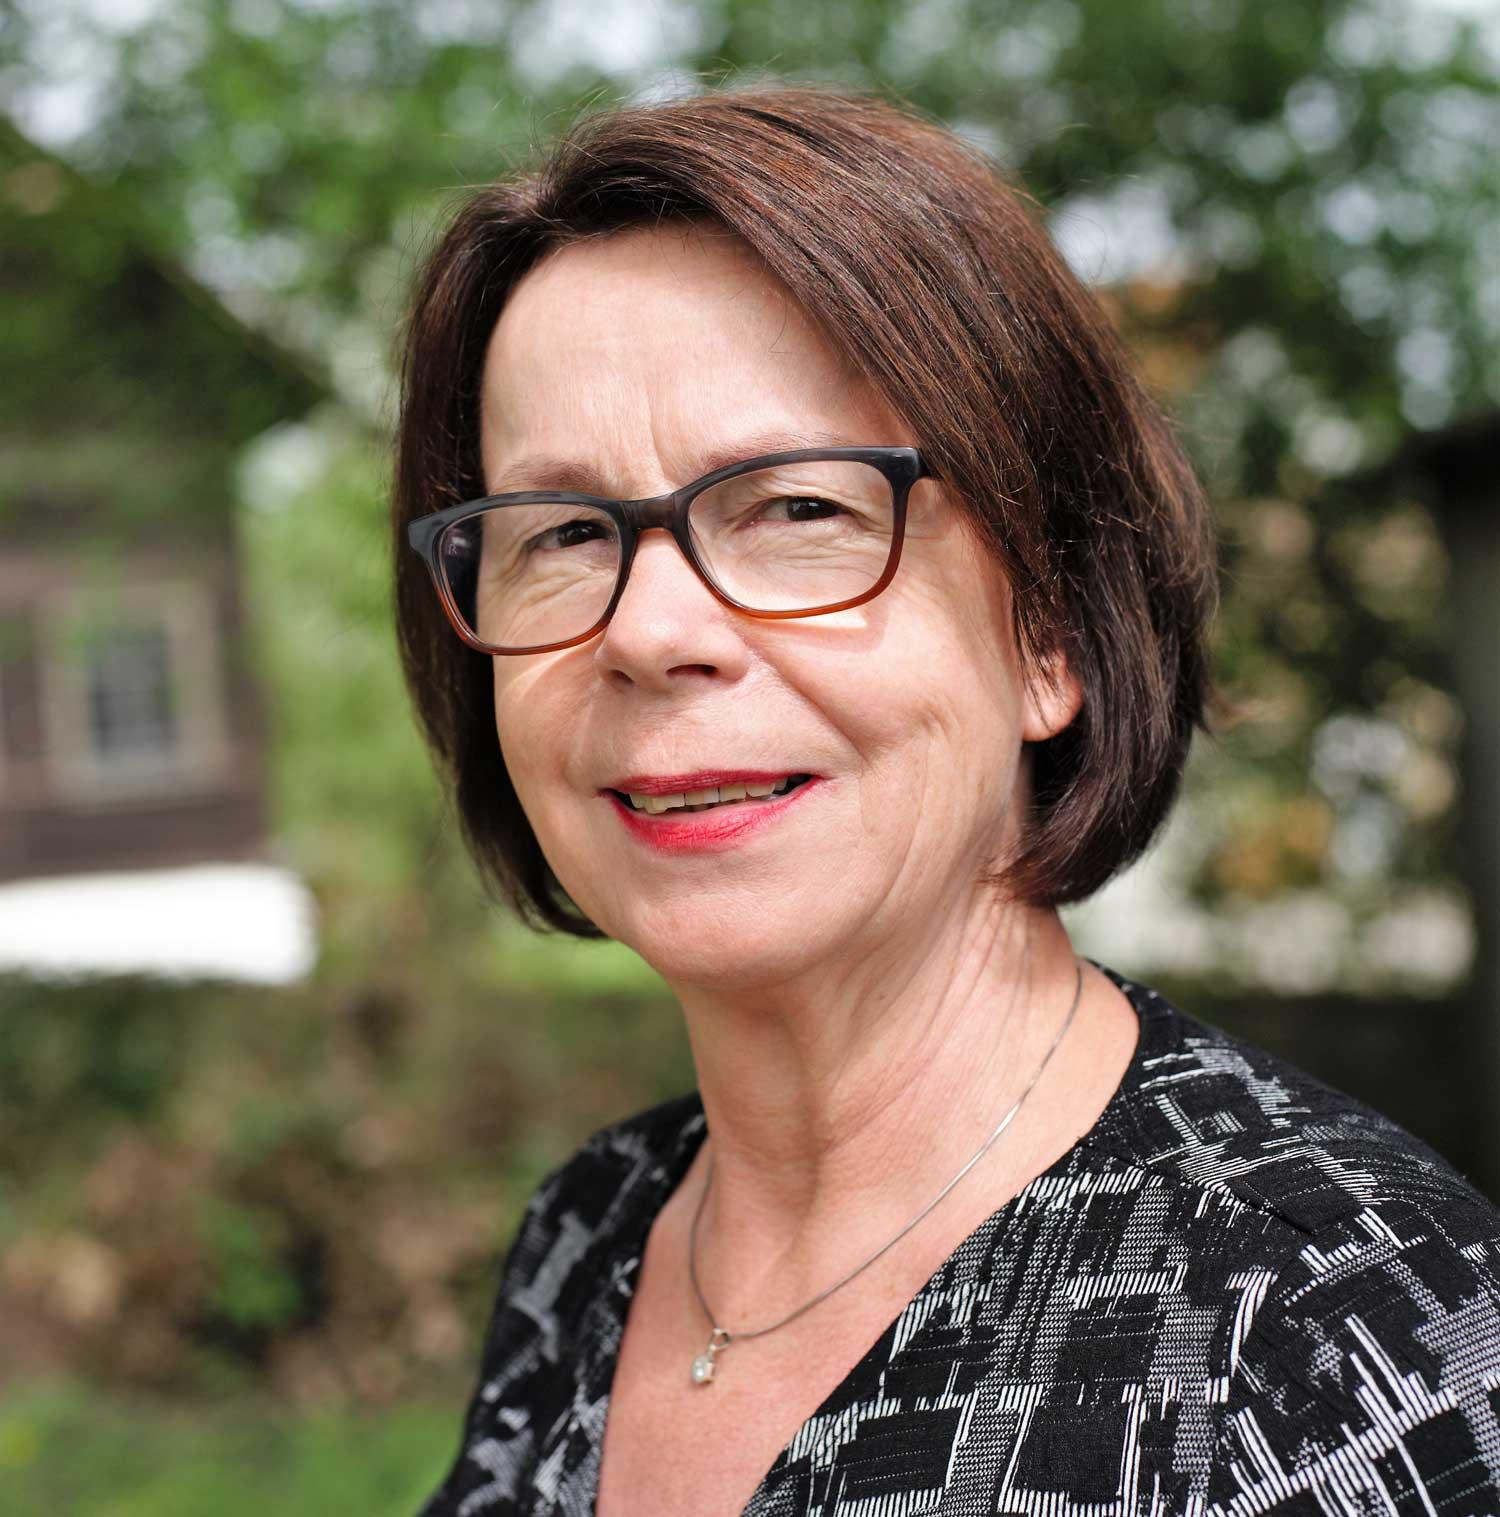 Liliane Kappeler